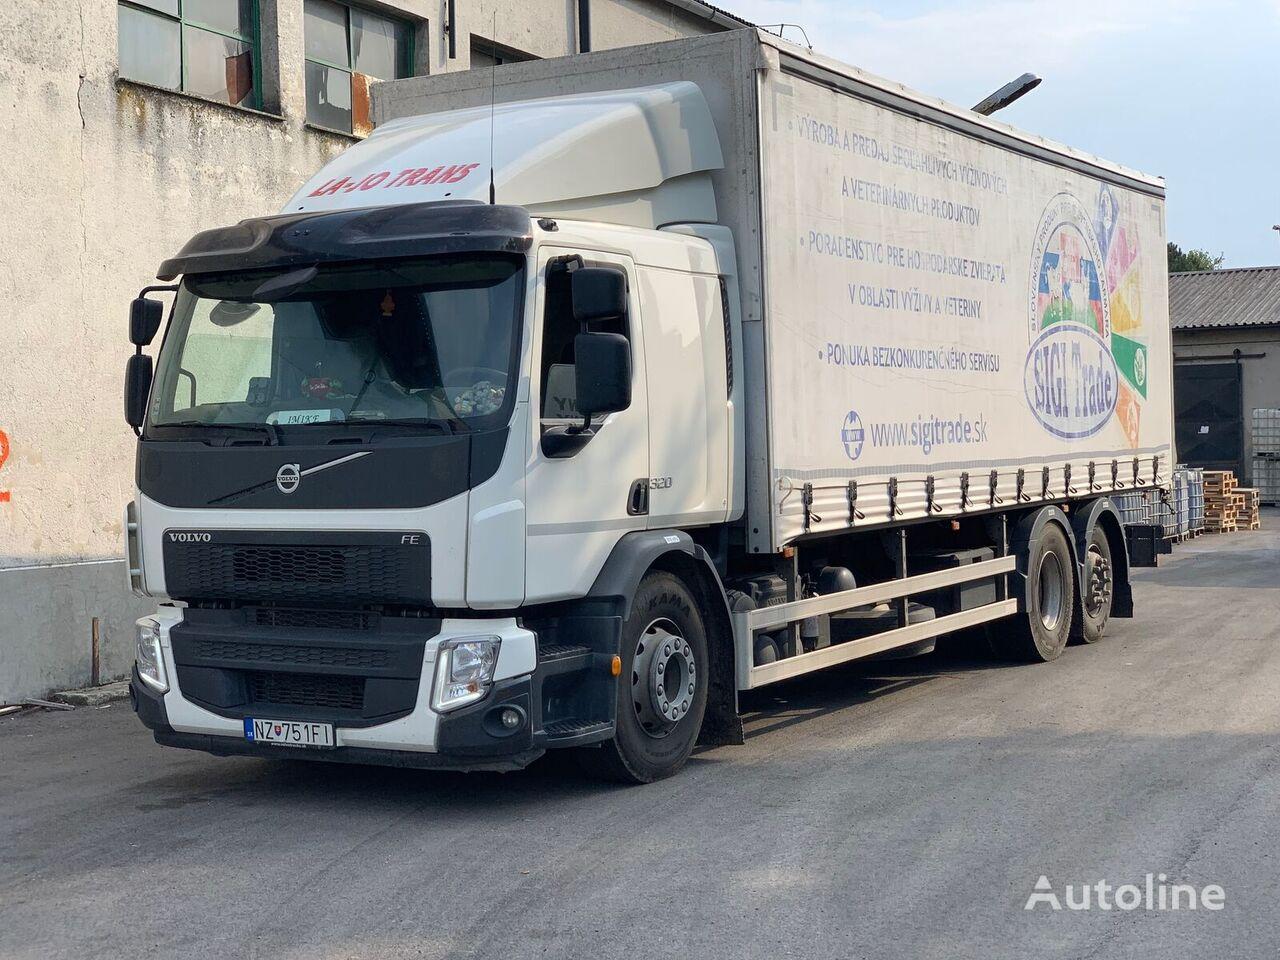 VOLVO FE 320 EURO6 kamion sa klizna zavesa cerada